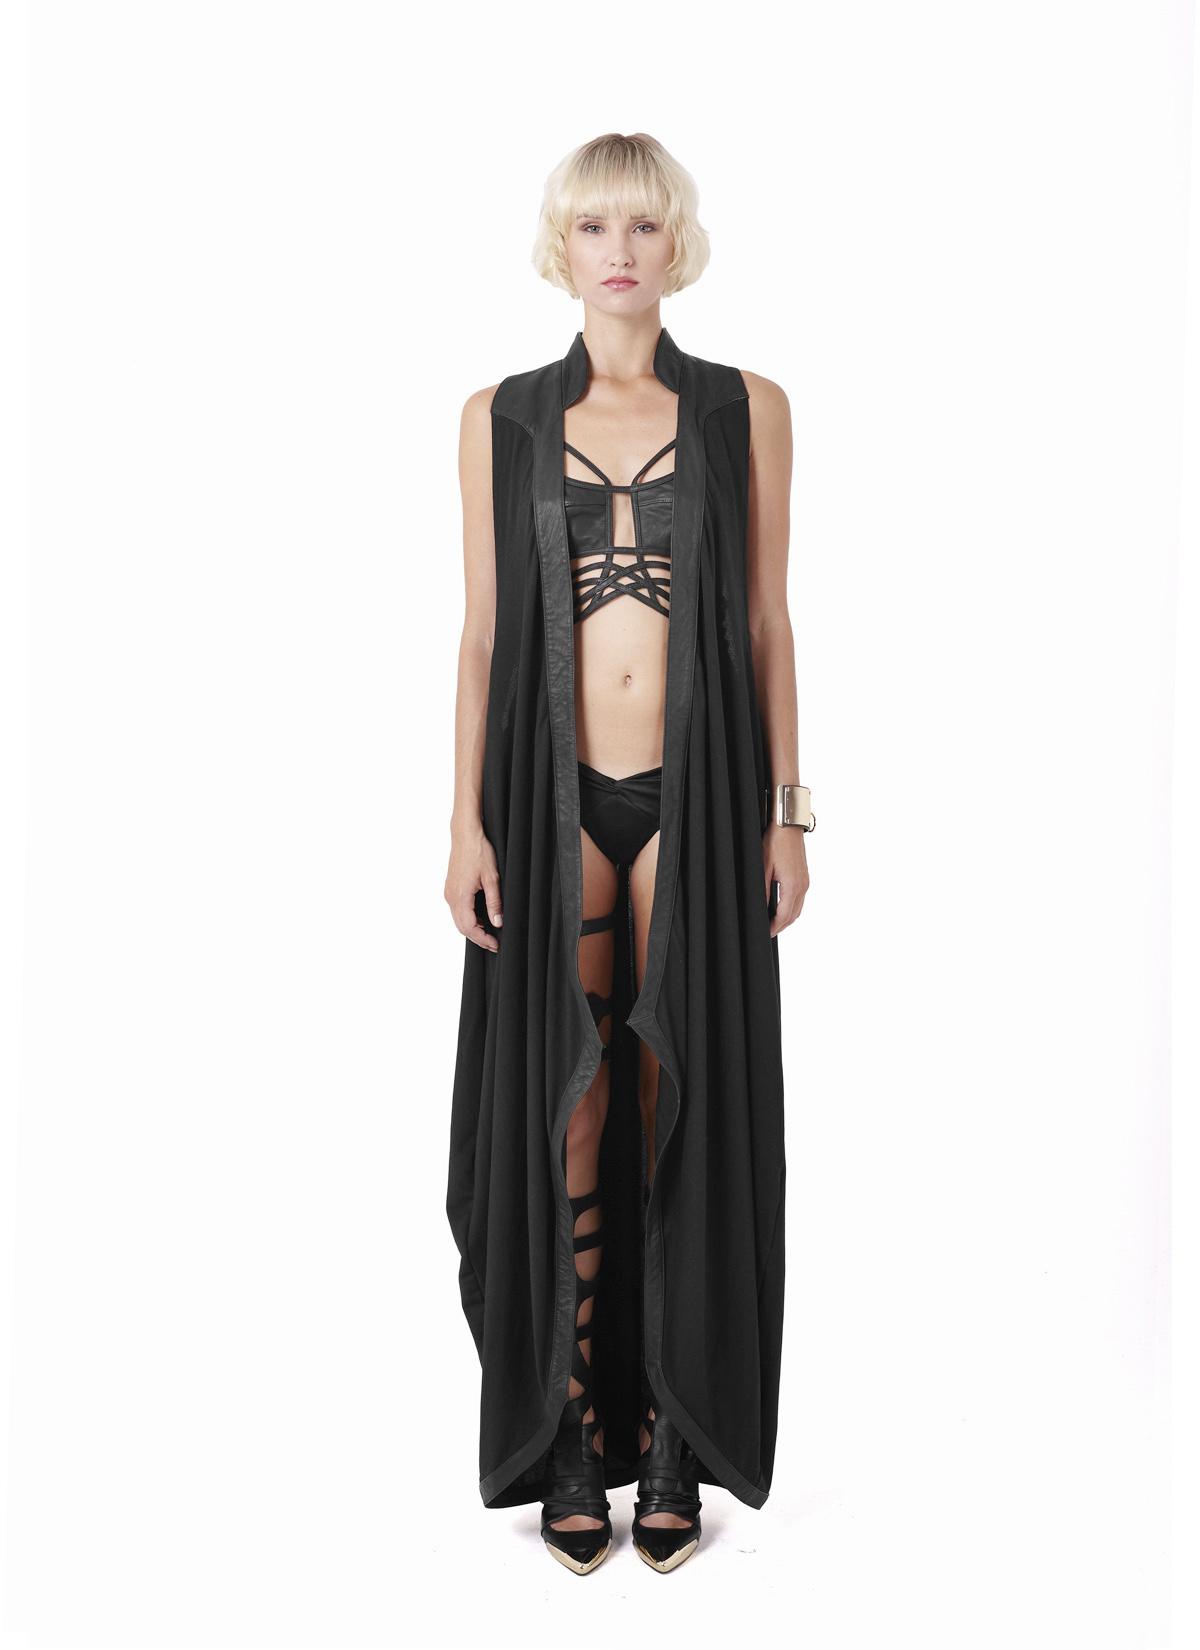 Sillias robe & Dyshic top